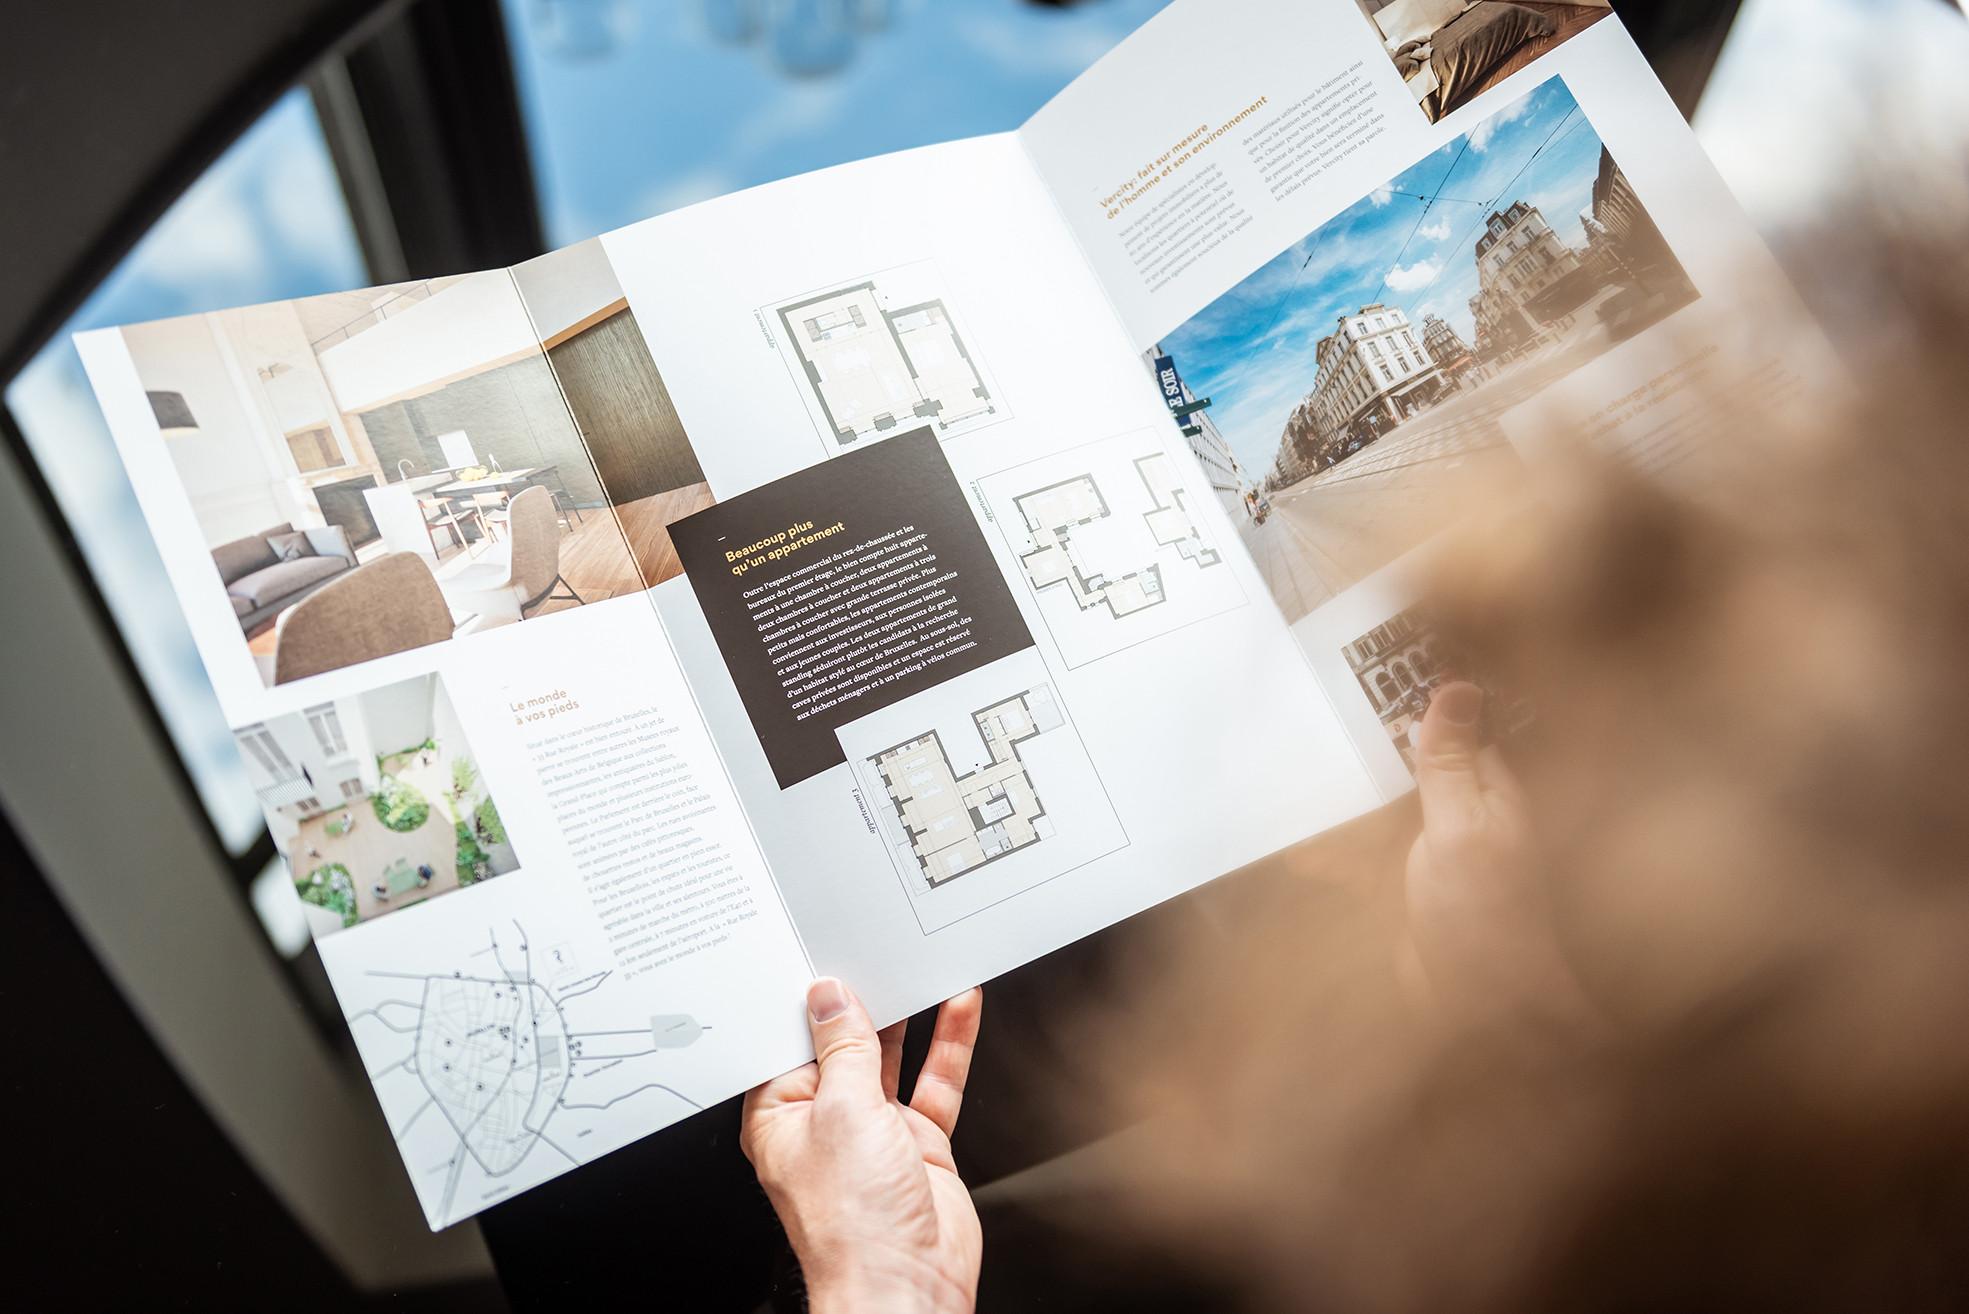 De brochure van Rue Royale 33 kreeg dankzij het grafisch ontwerp en de bijzondere afwerking een high end-uitstraling